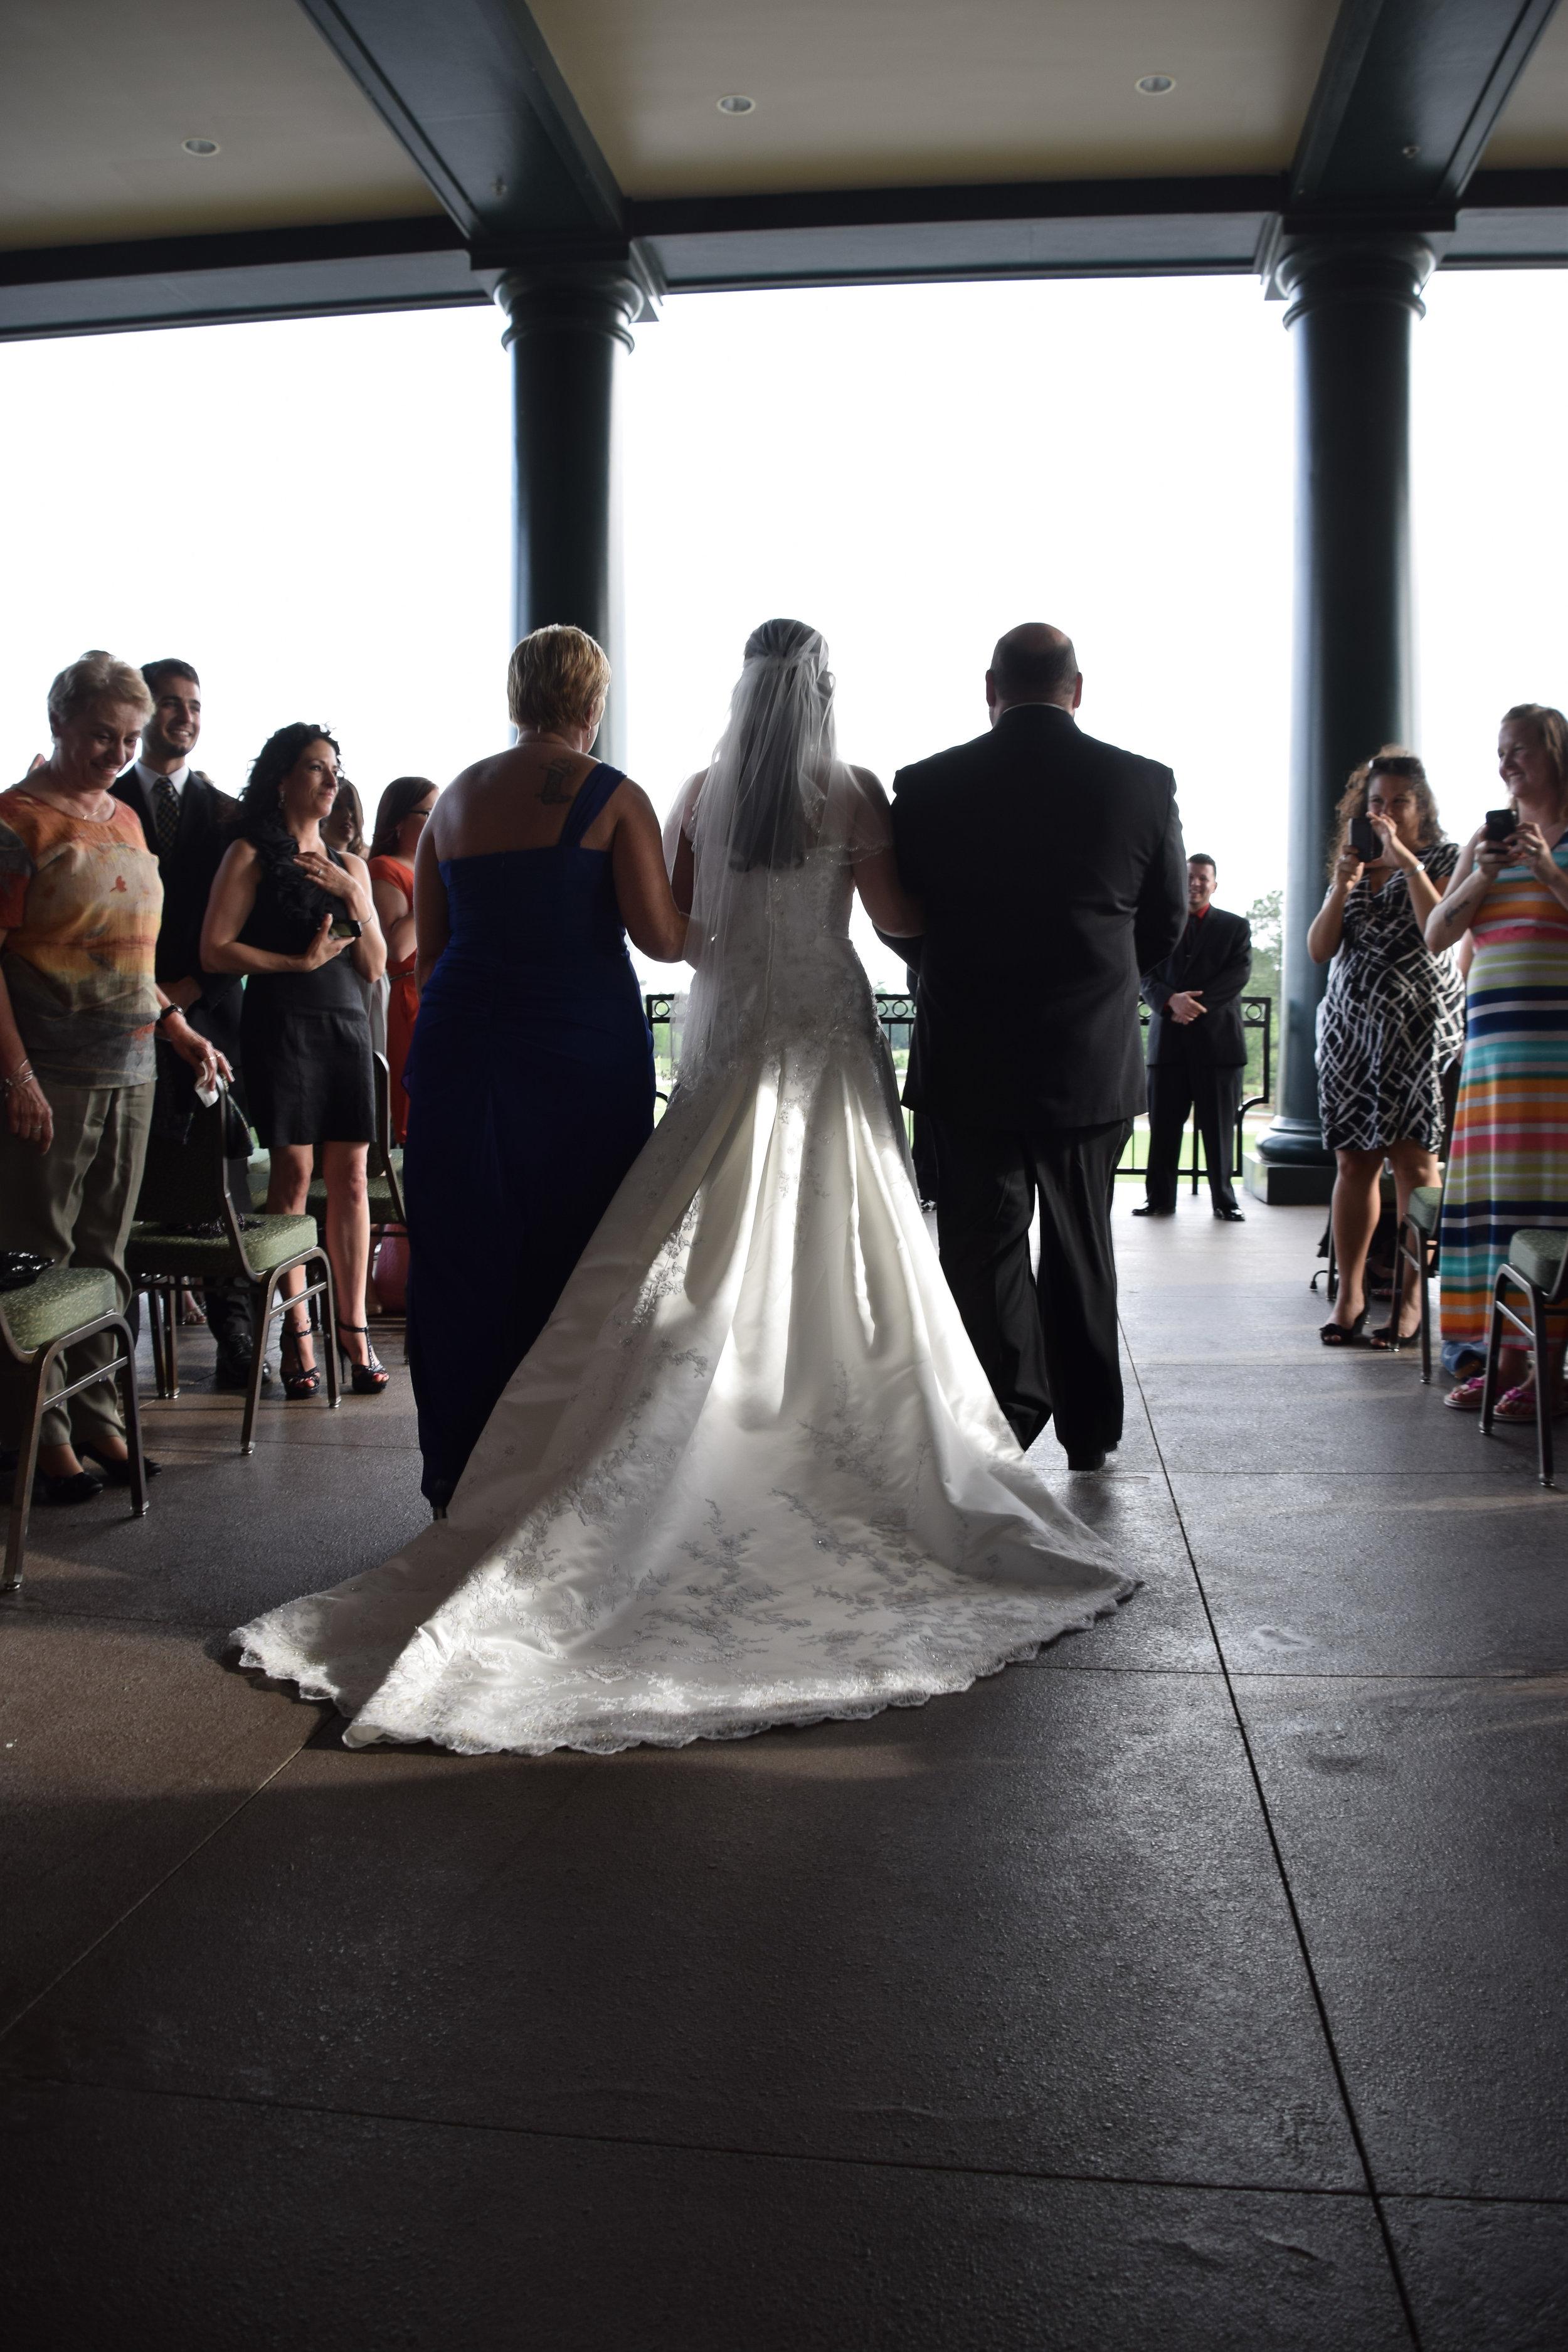 Parents walking bride down the aisle.